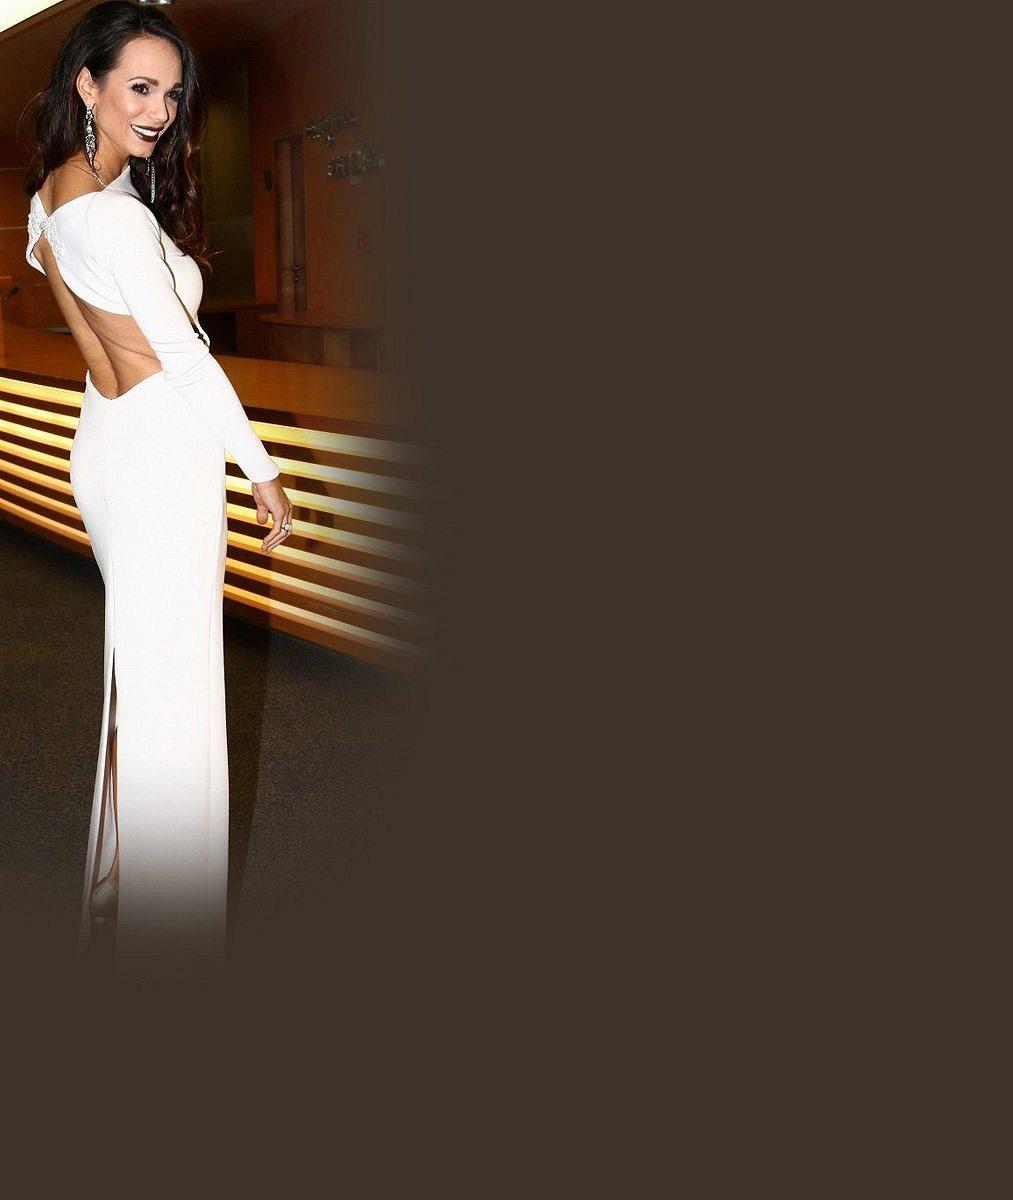 Poprvé po odchodu od Noida na veřejnosti: Gábina Bártová dokonce předvedla svatební šaty